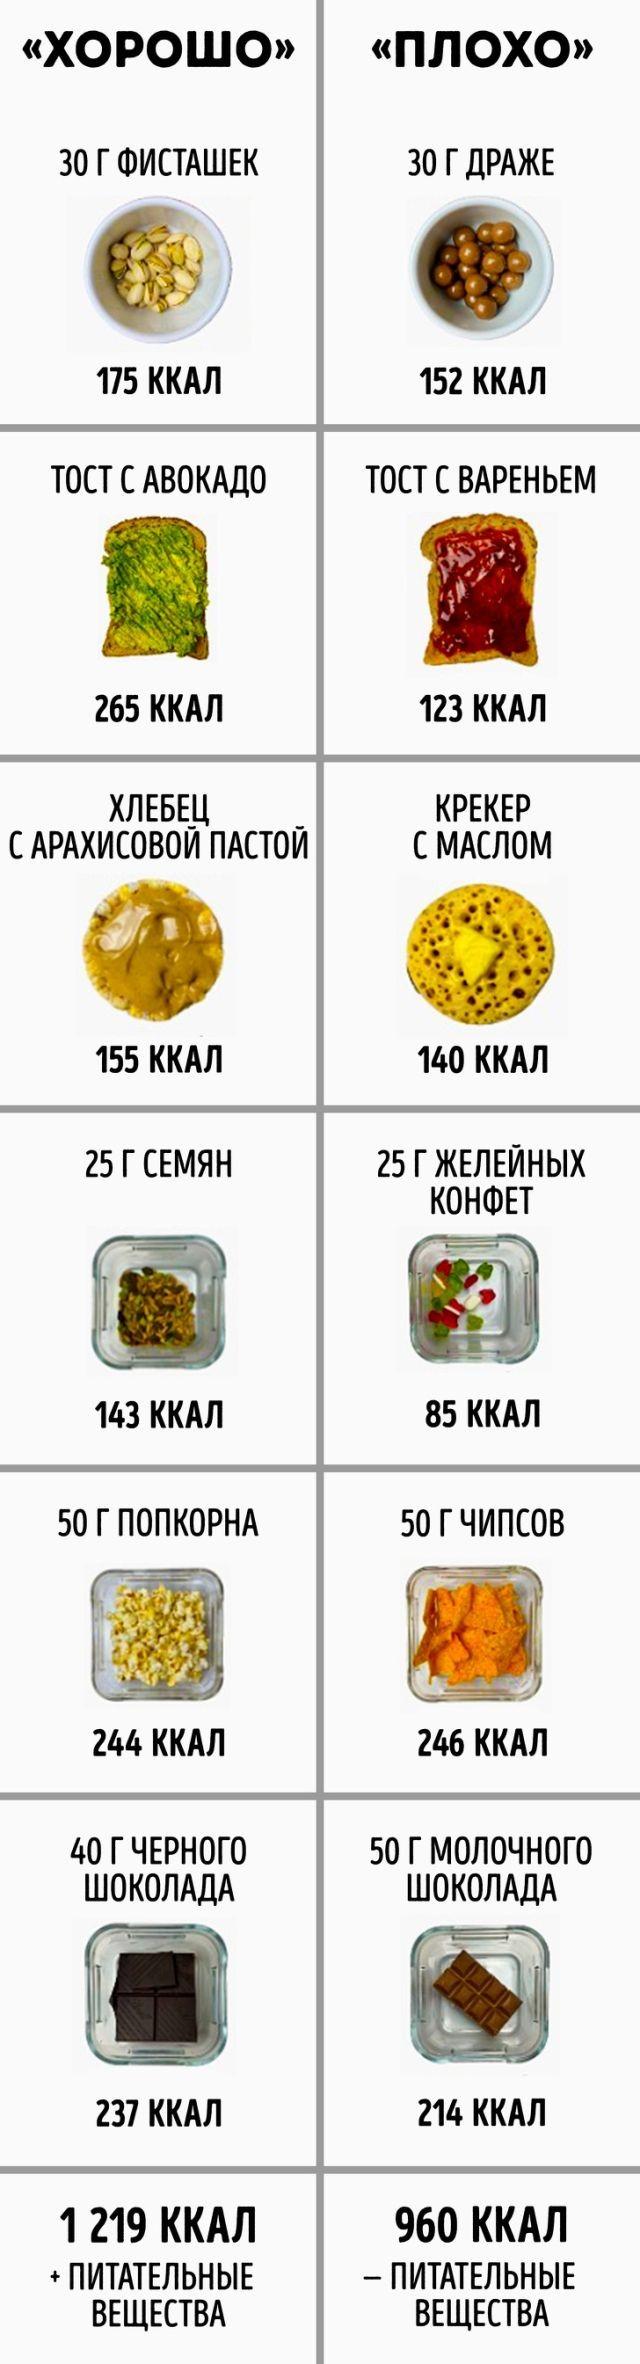 Instagram-нутрициолог развеял мифы о правильном питании (18 фото)